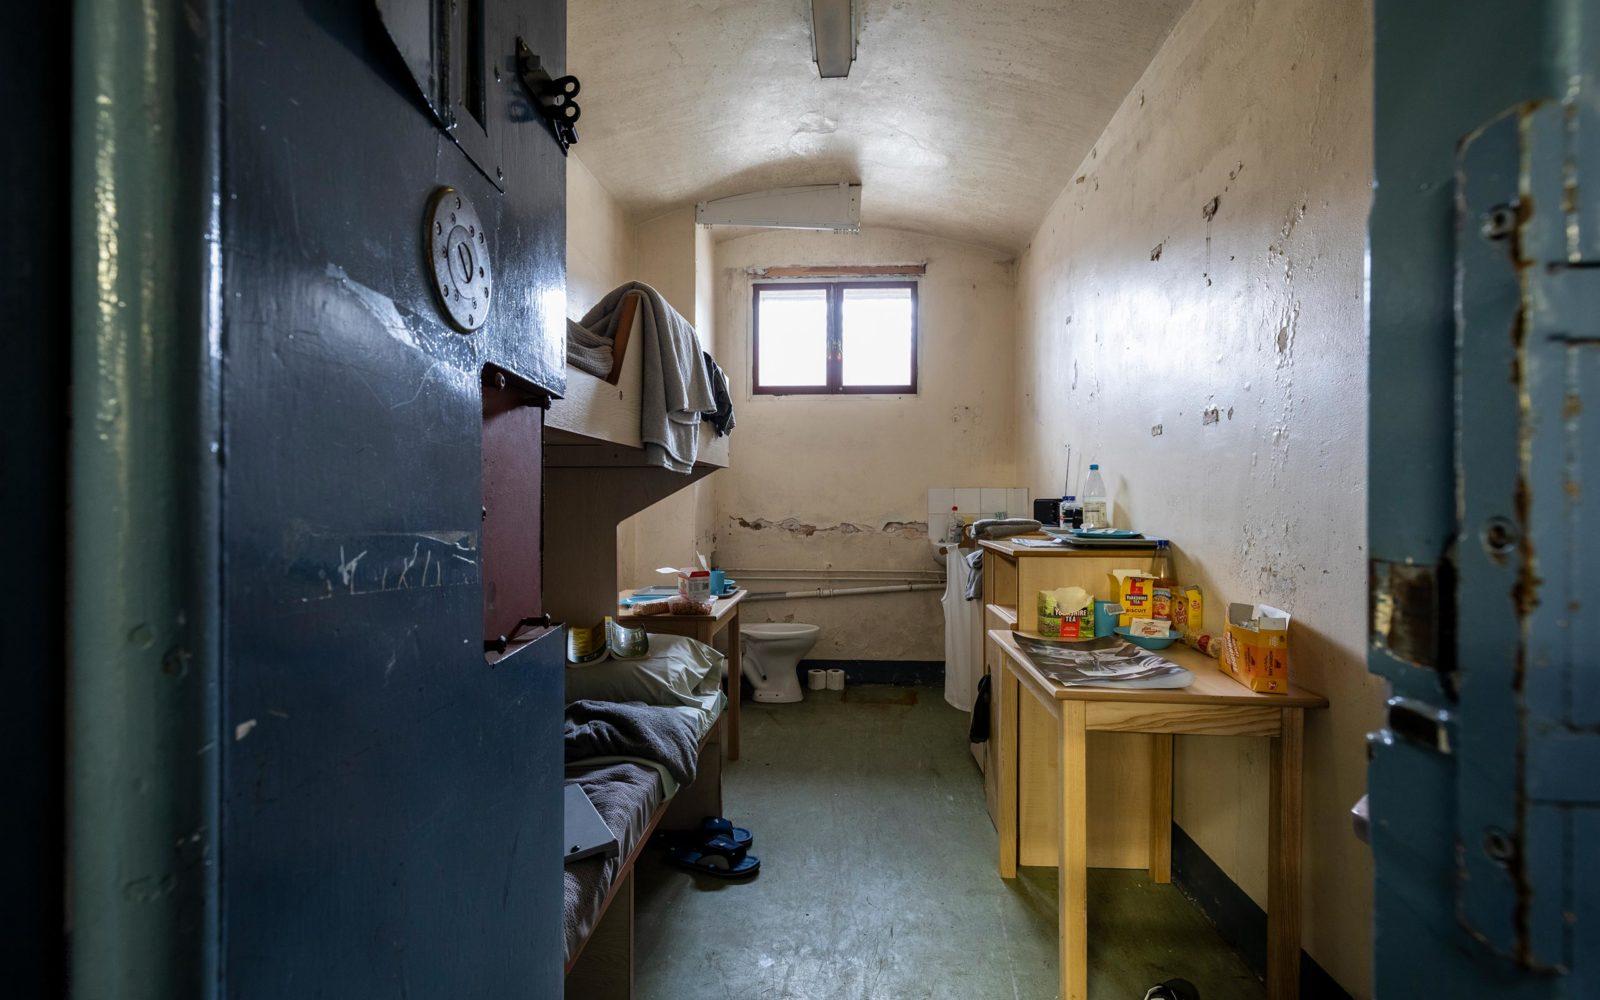 Shepton Mallet Prison Charity Trips